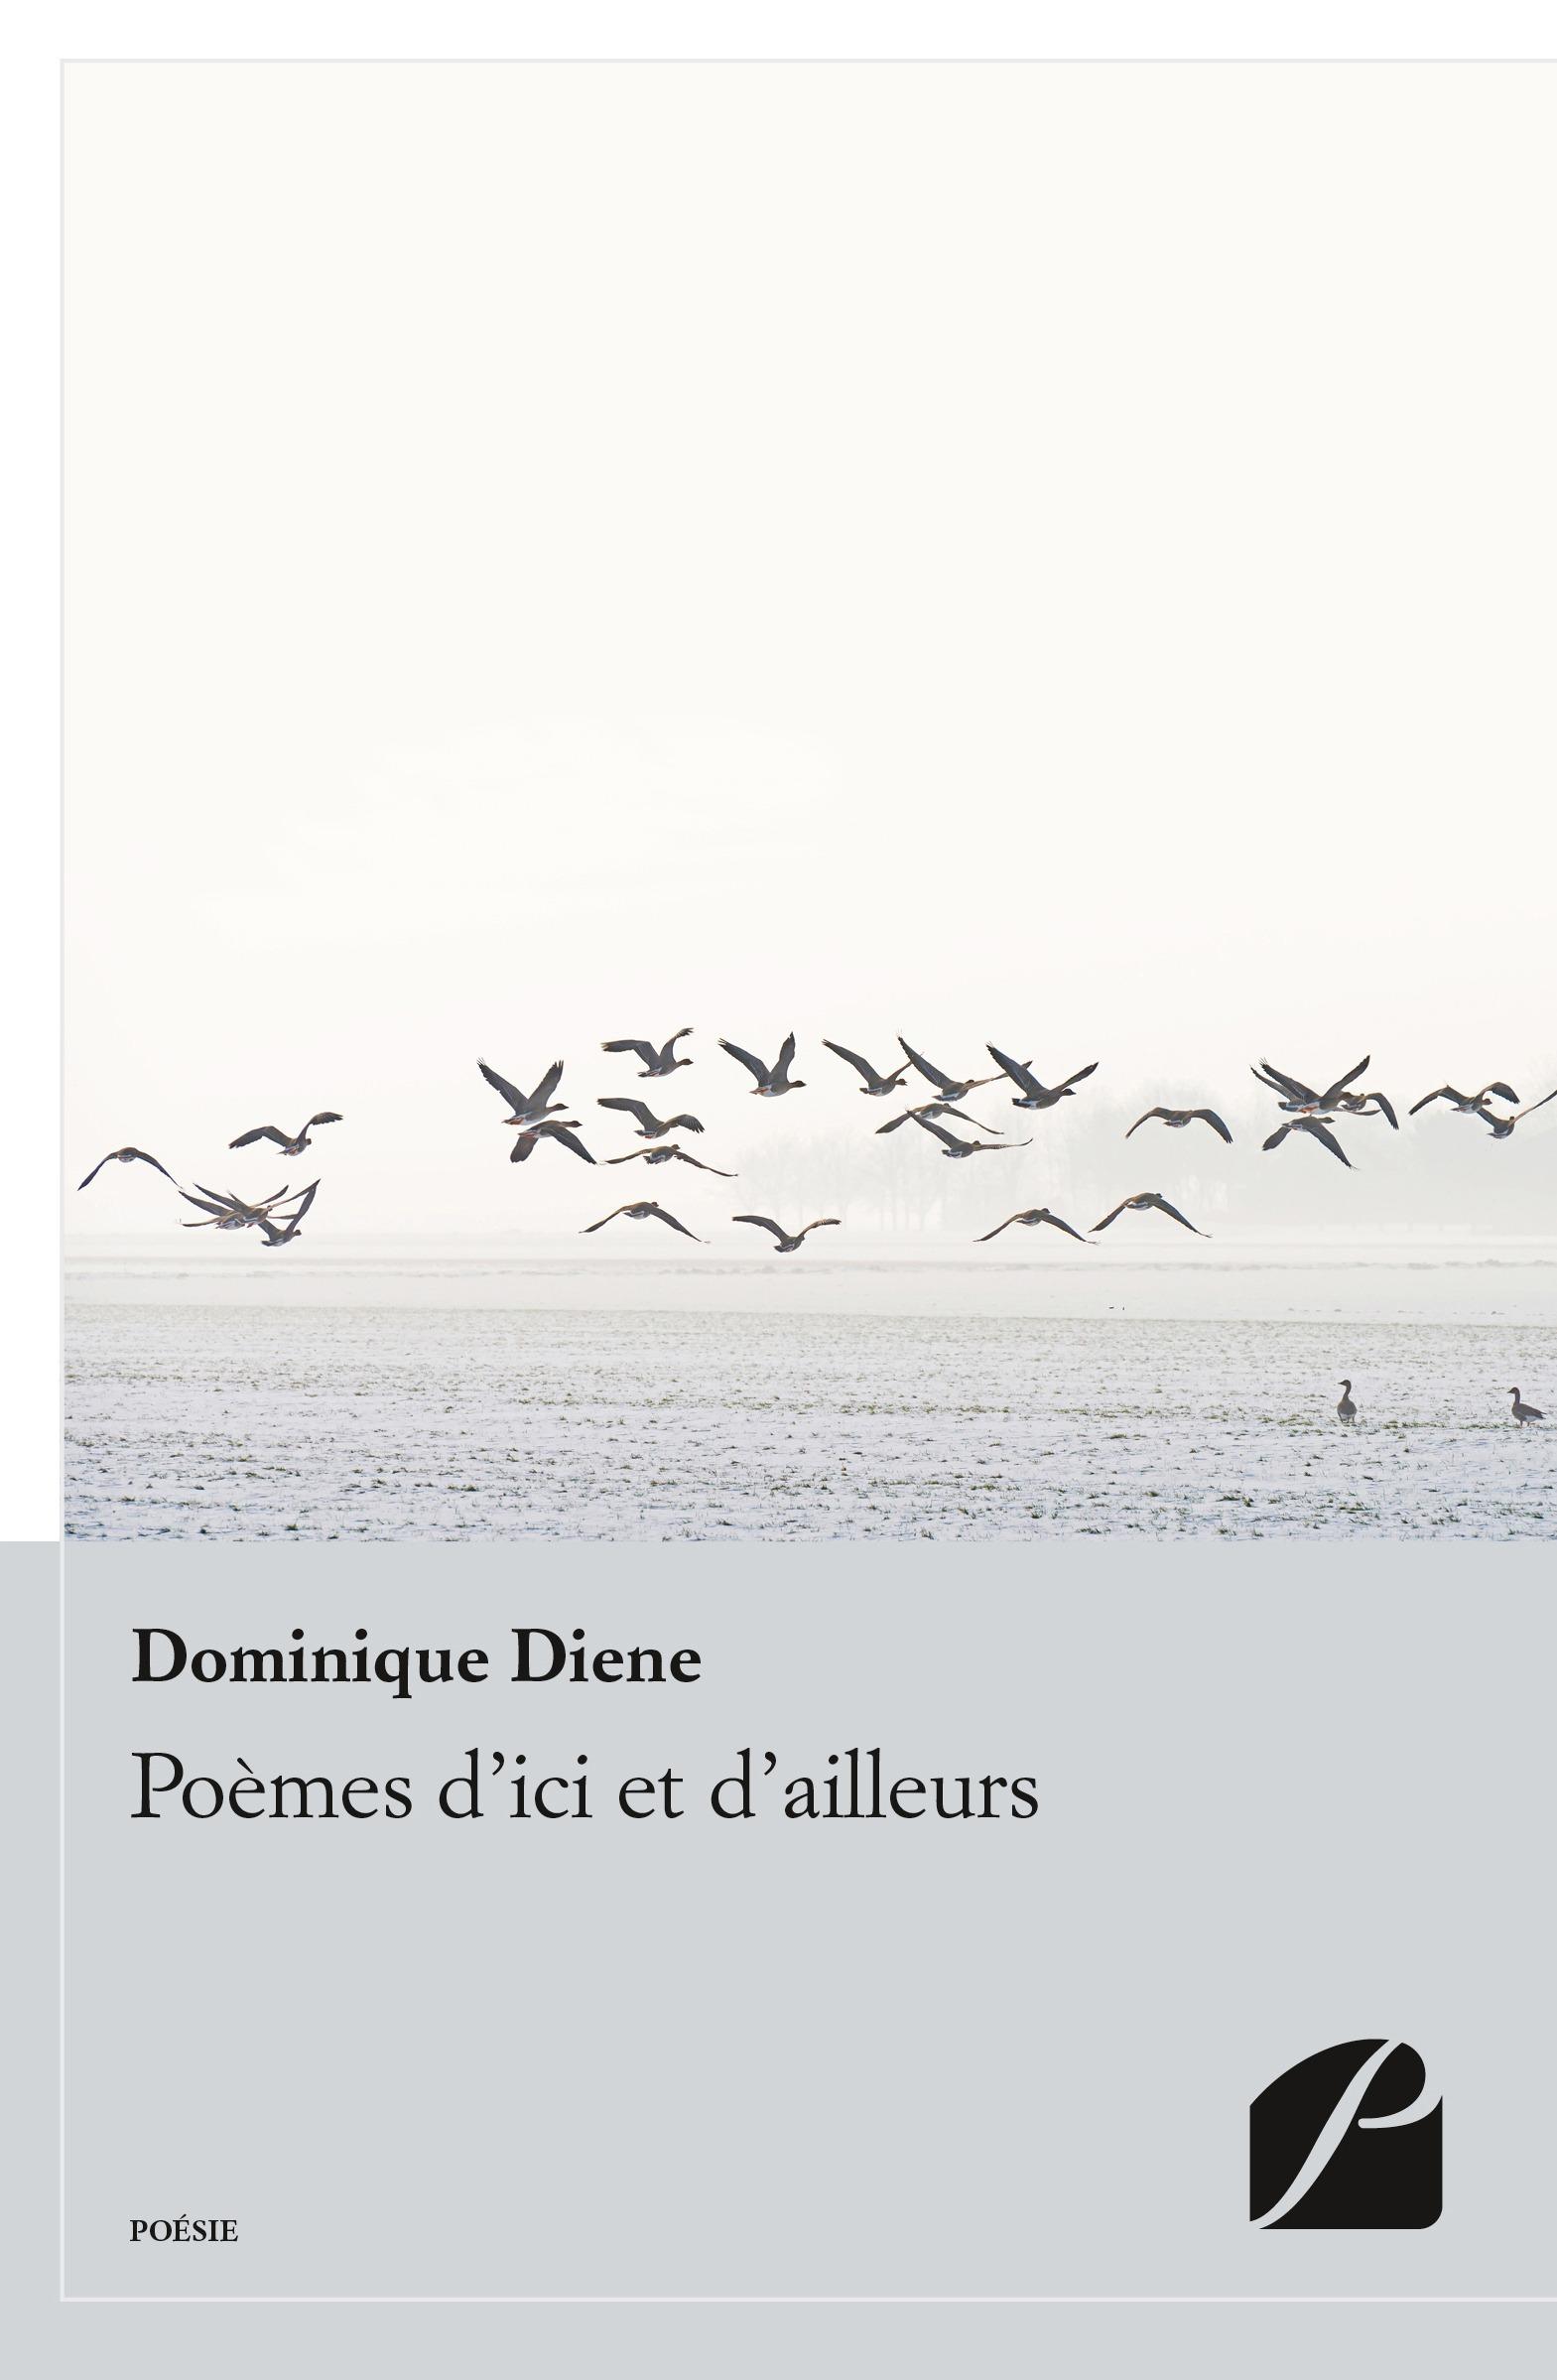 Poemes d'ici et d'ailleurs